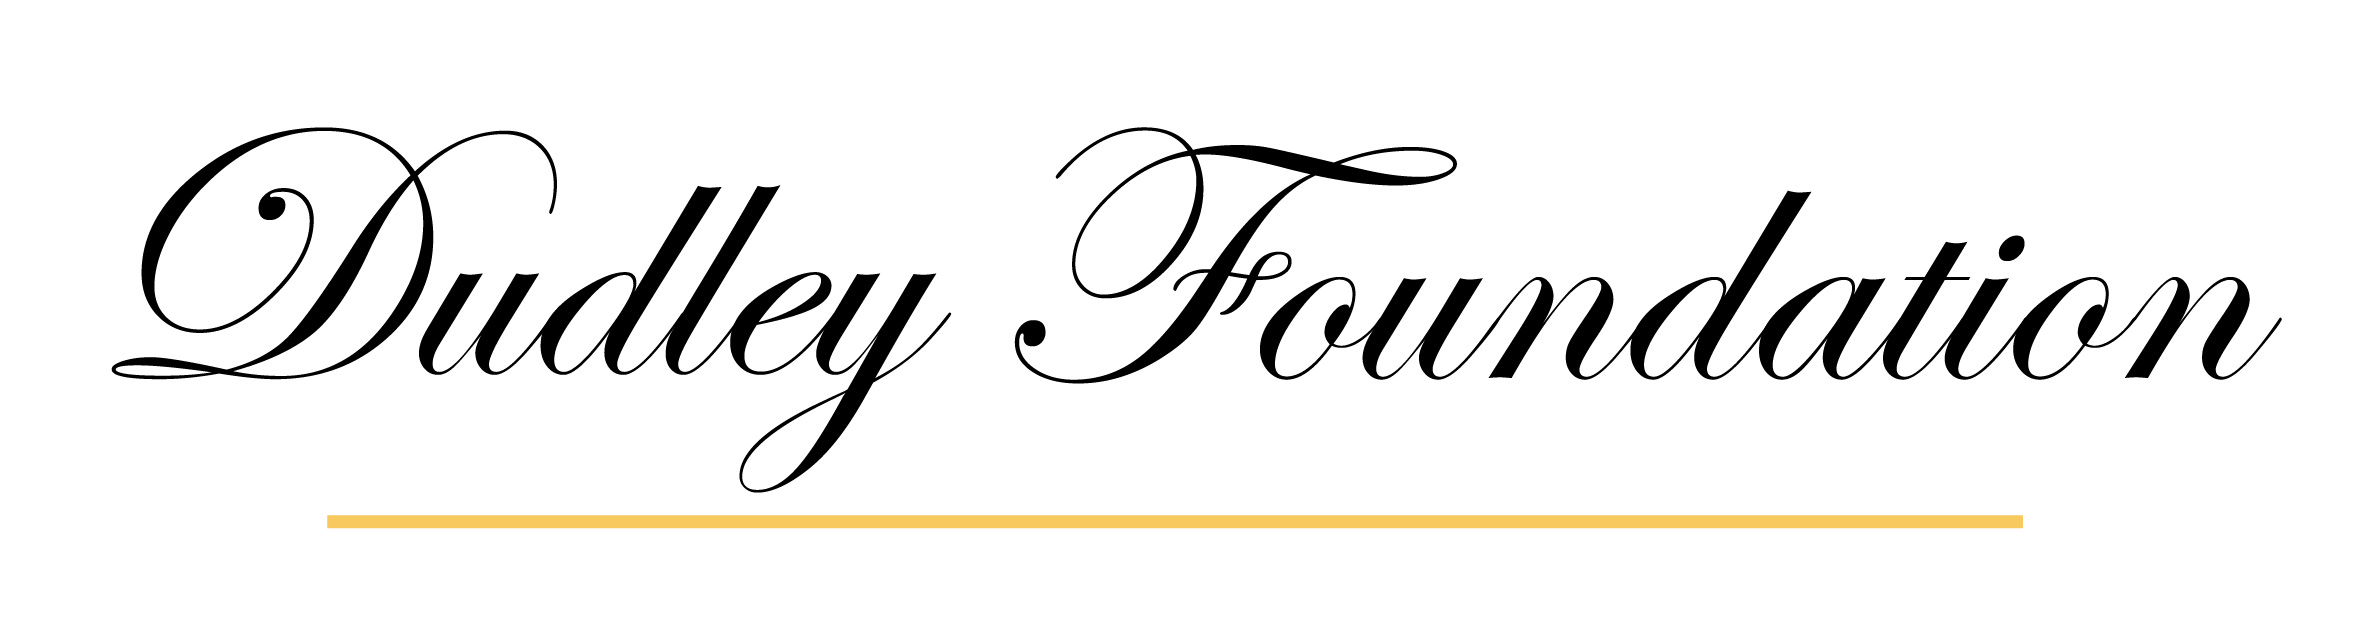 Dudley Foundation Logo